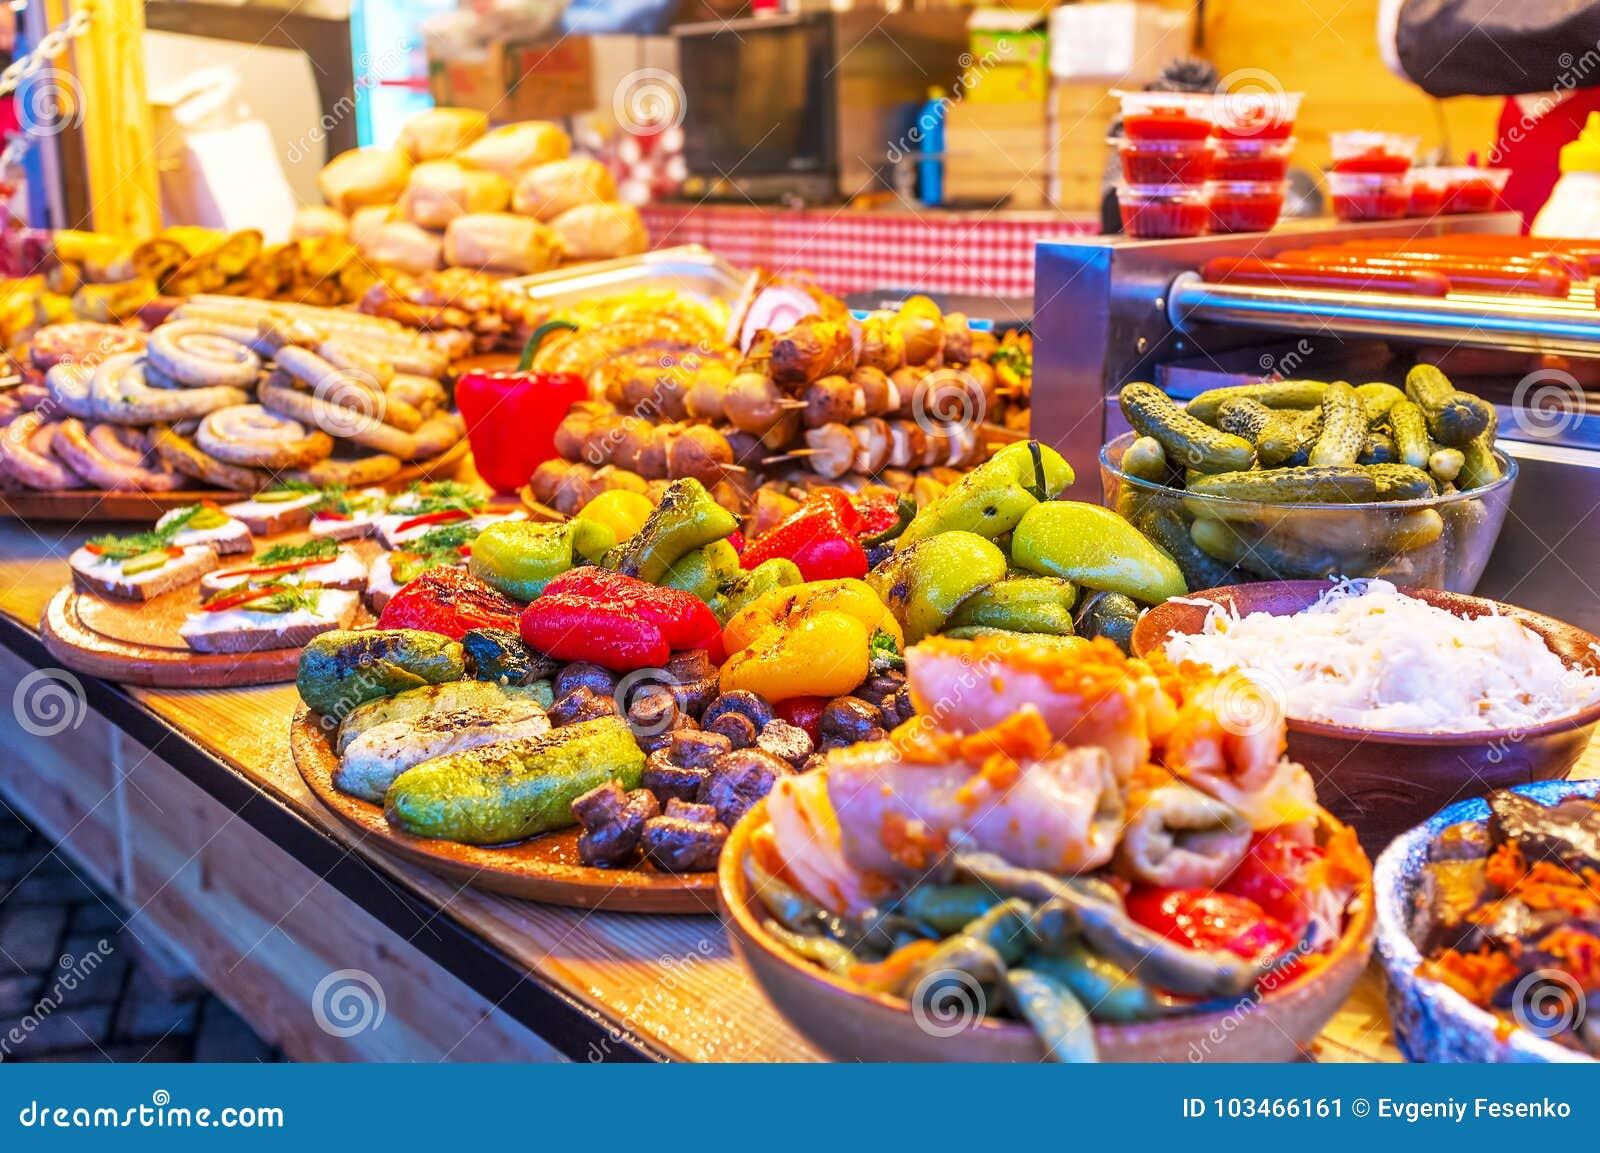 乌克兰食物品种